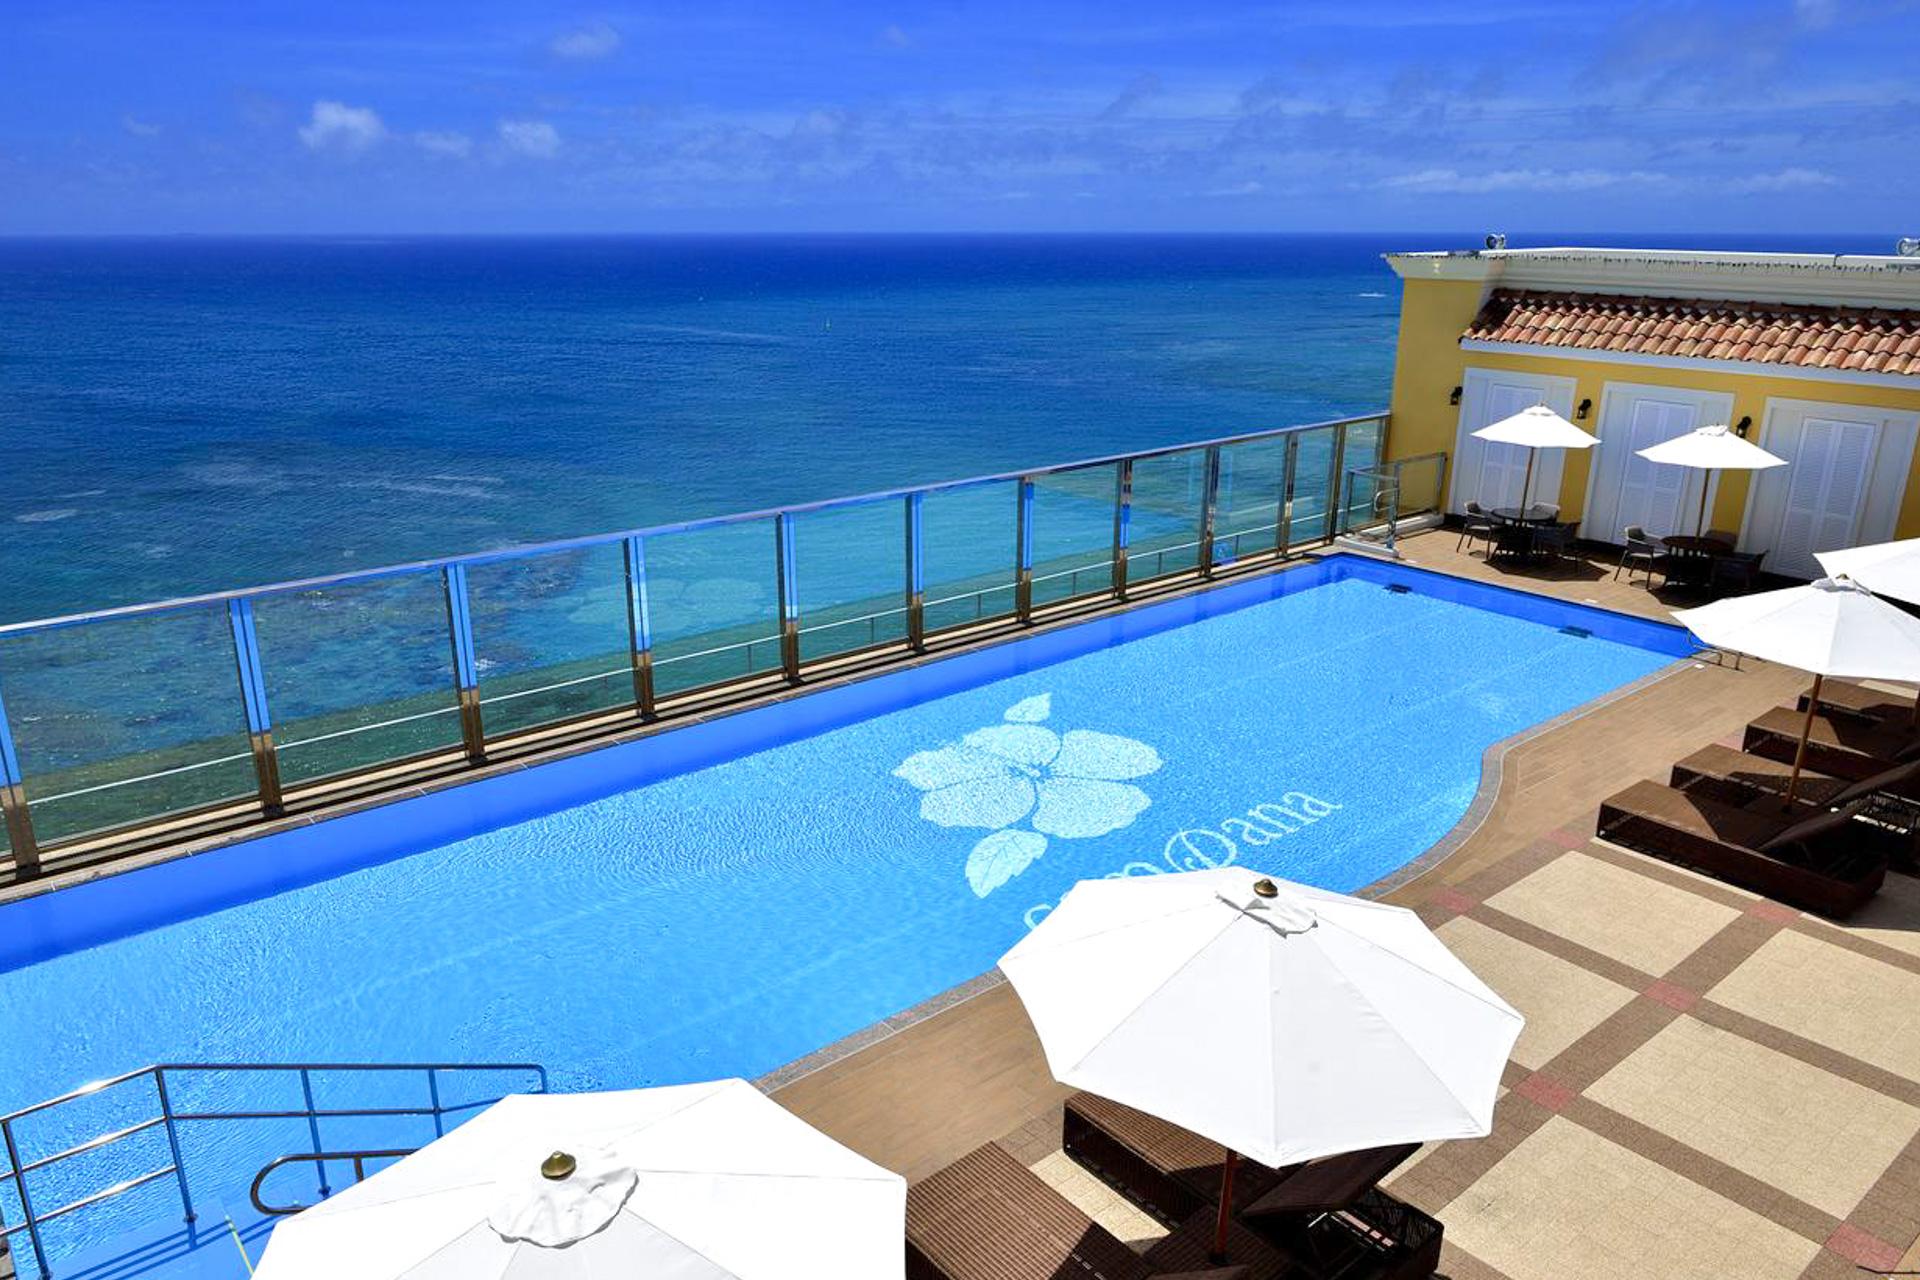 Vessel Hotel Campana Okinawa 2